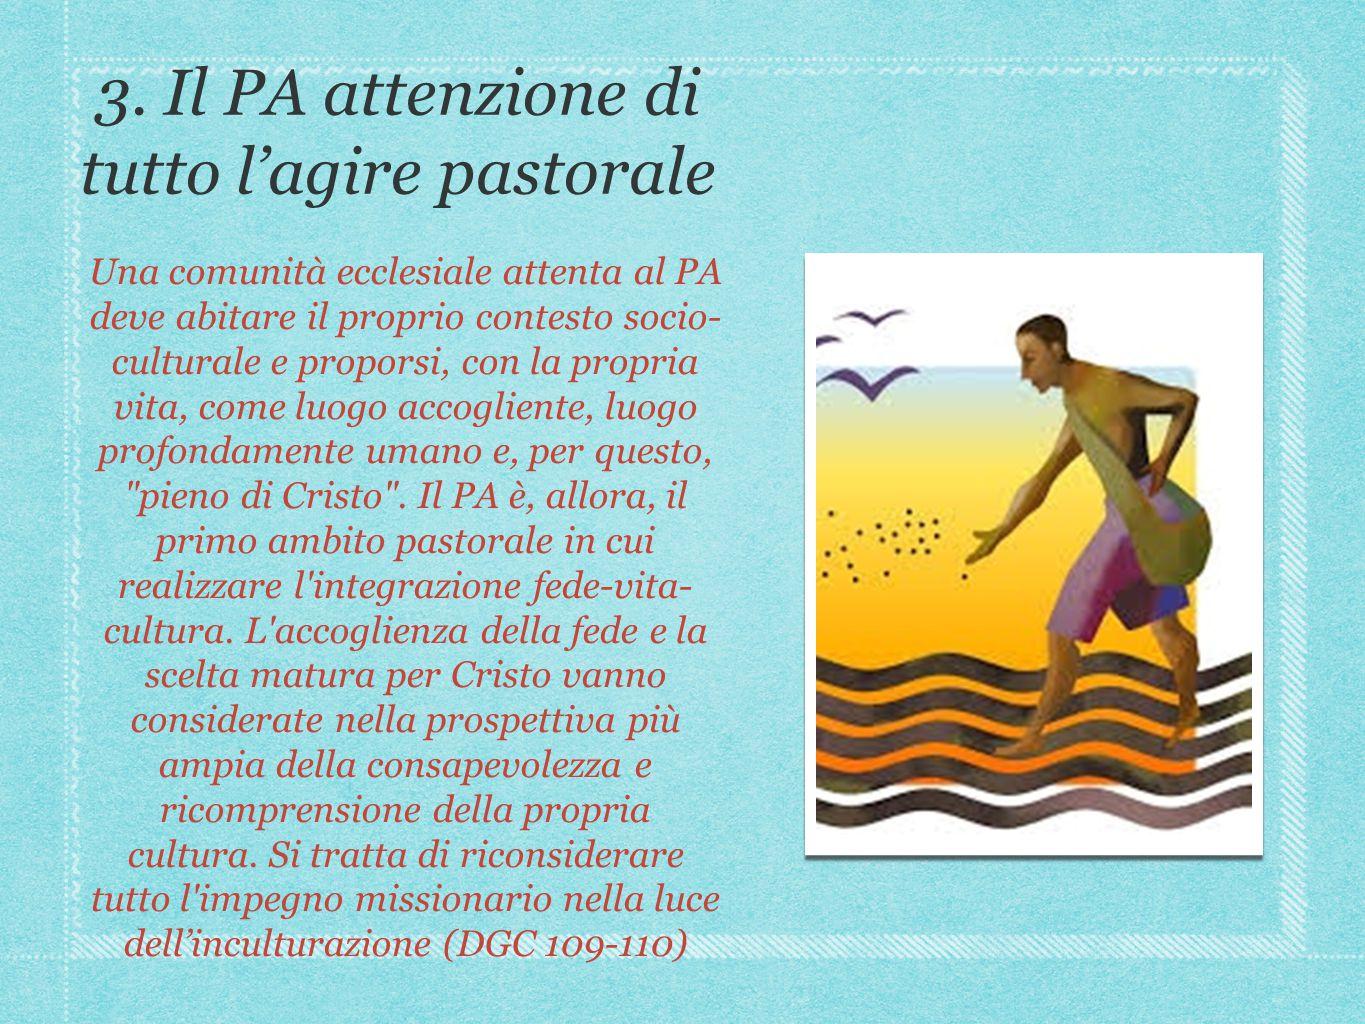 3. Il PA attenzione di tutto l'agire pastorale